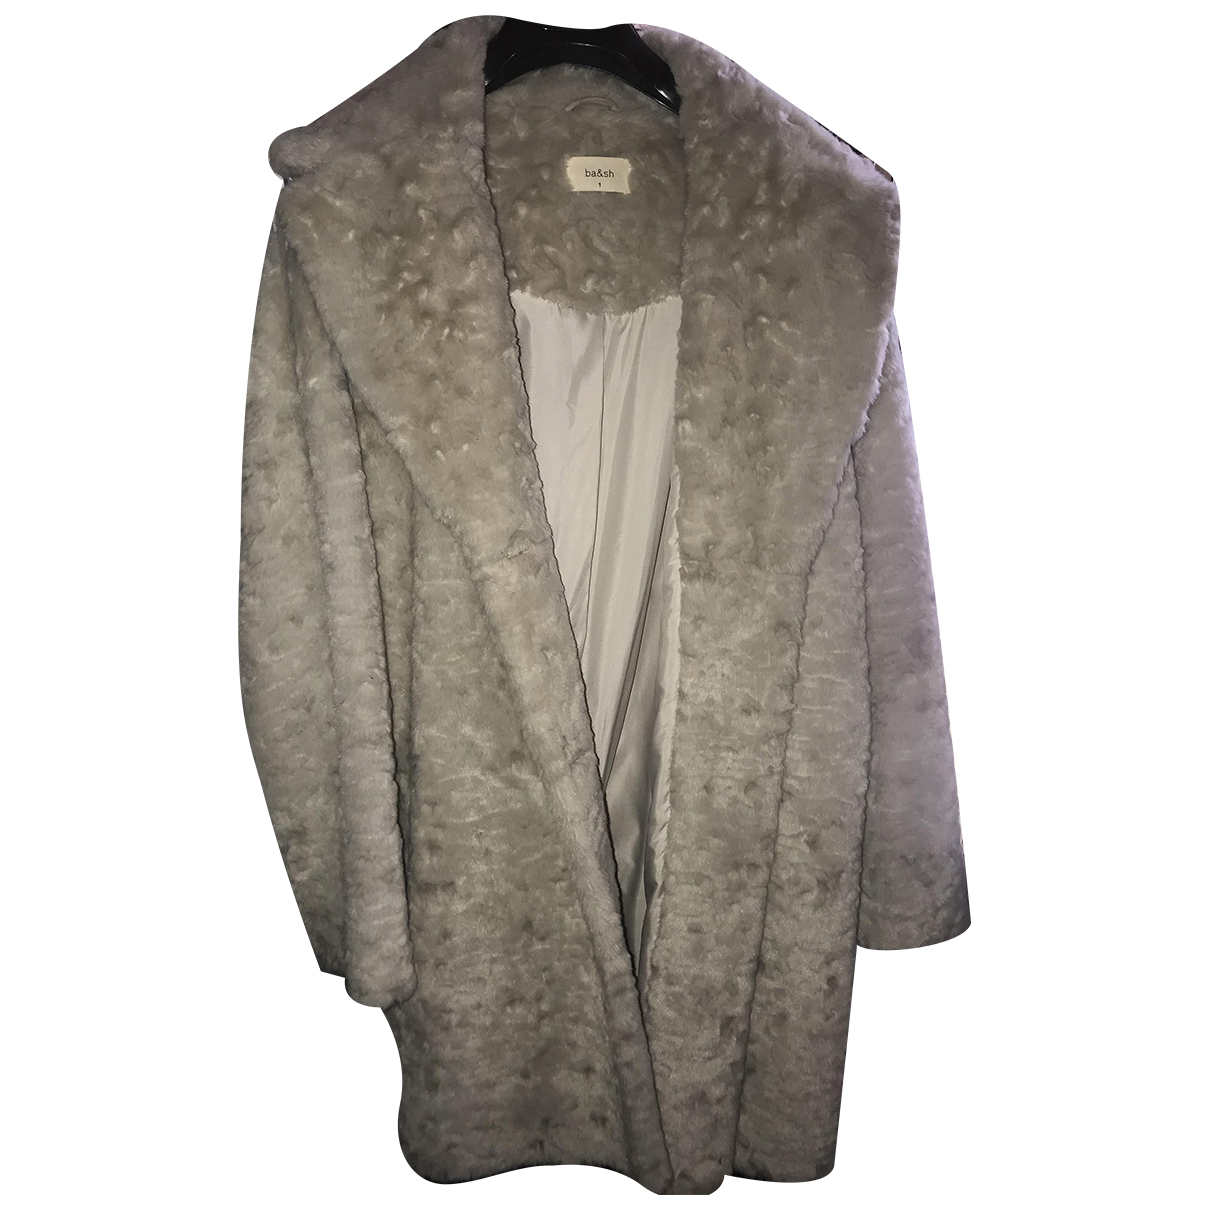 Ba&sh - Manteau   pour femme en fourrure synthetique - beige